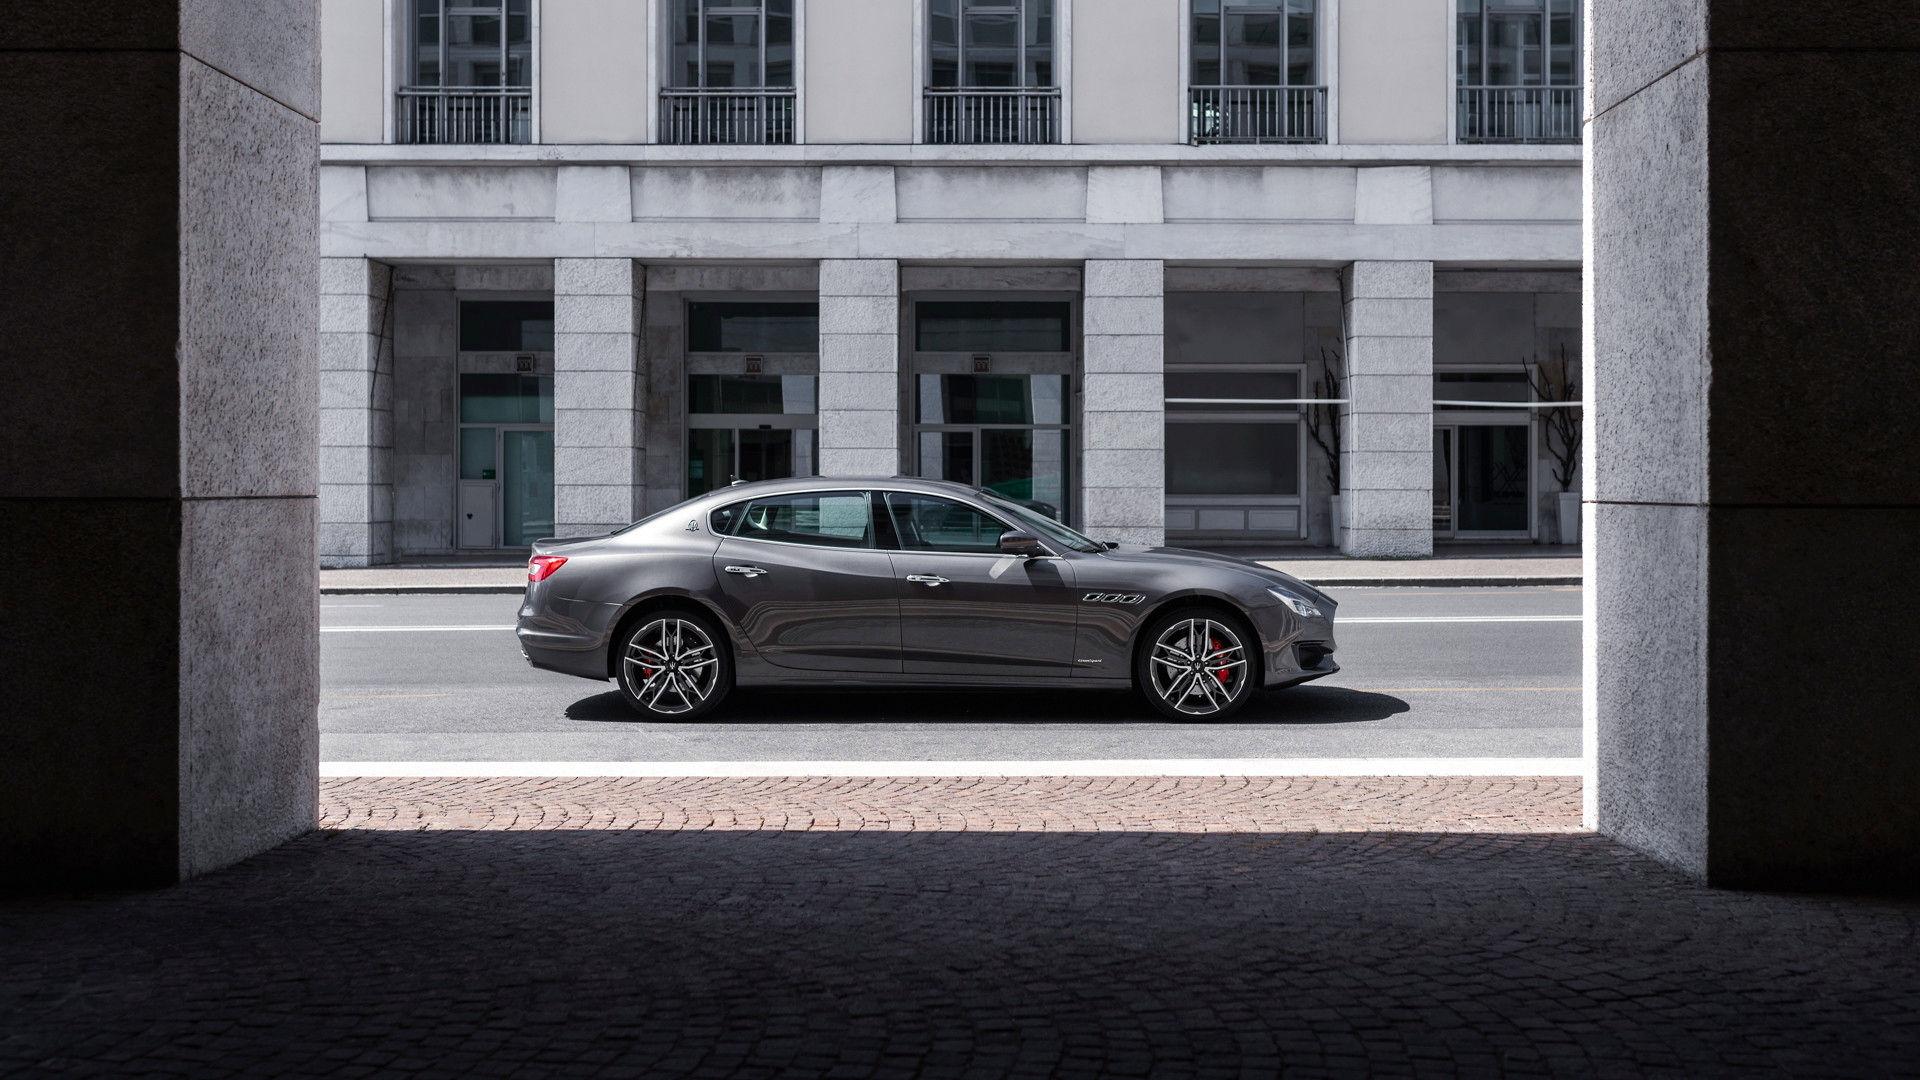 Maserati Quattroporte S Q4 - GranSport - Grigio color